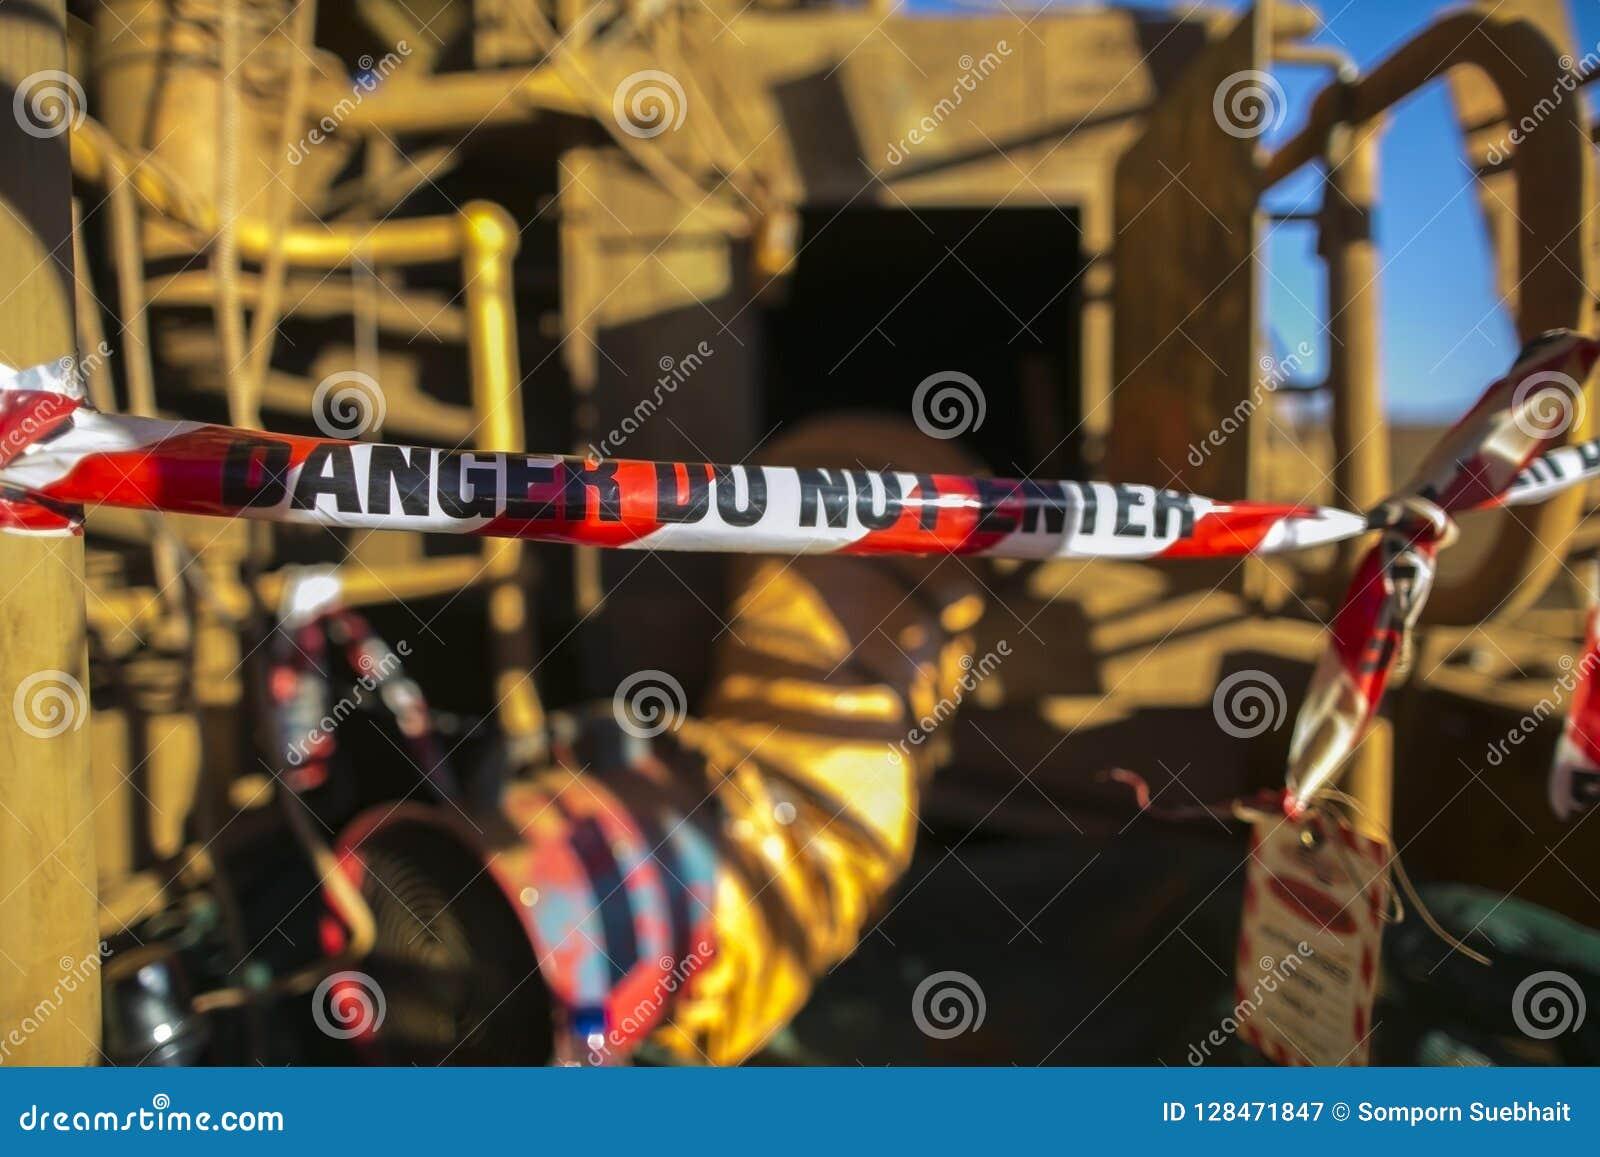 Bemyndigade rött och vitt för bandbarrikaduteslutandet område för fara på den begränsade utrymmetillträdesdörren personaler endas